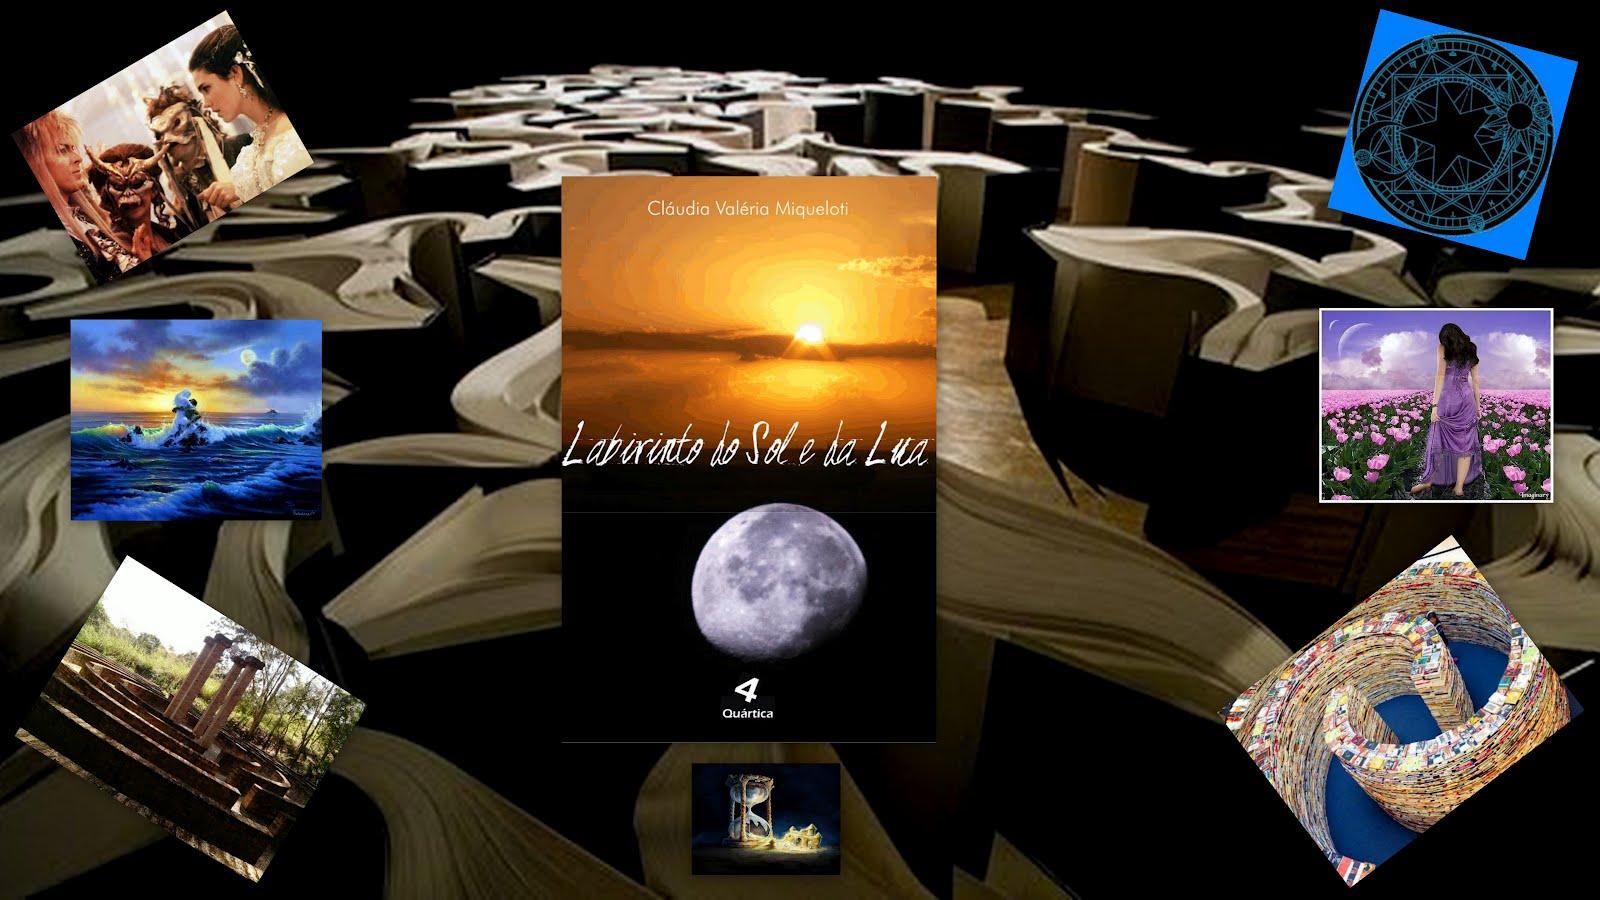 * Labirinto do Sol e da Lua *